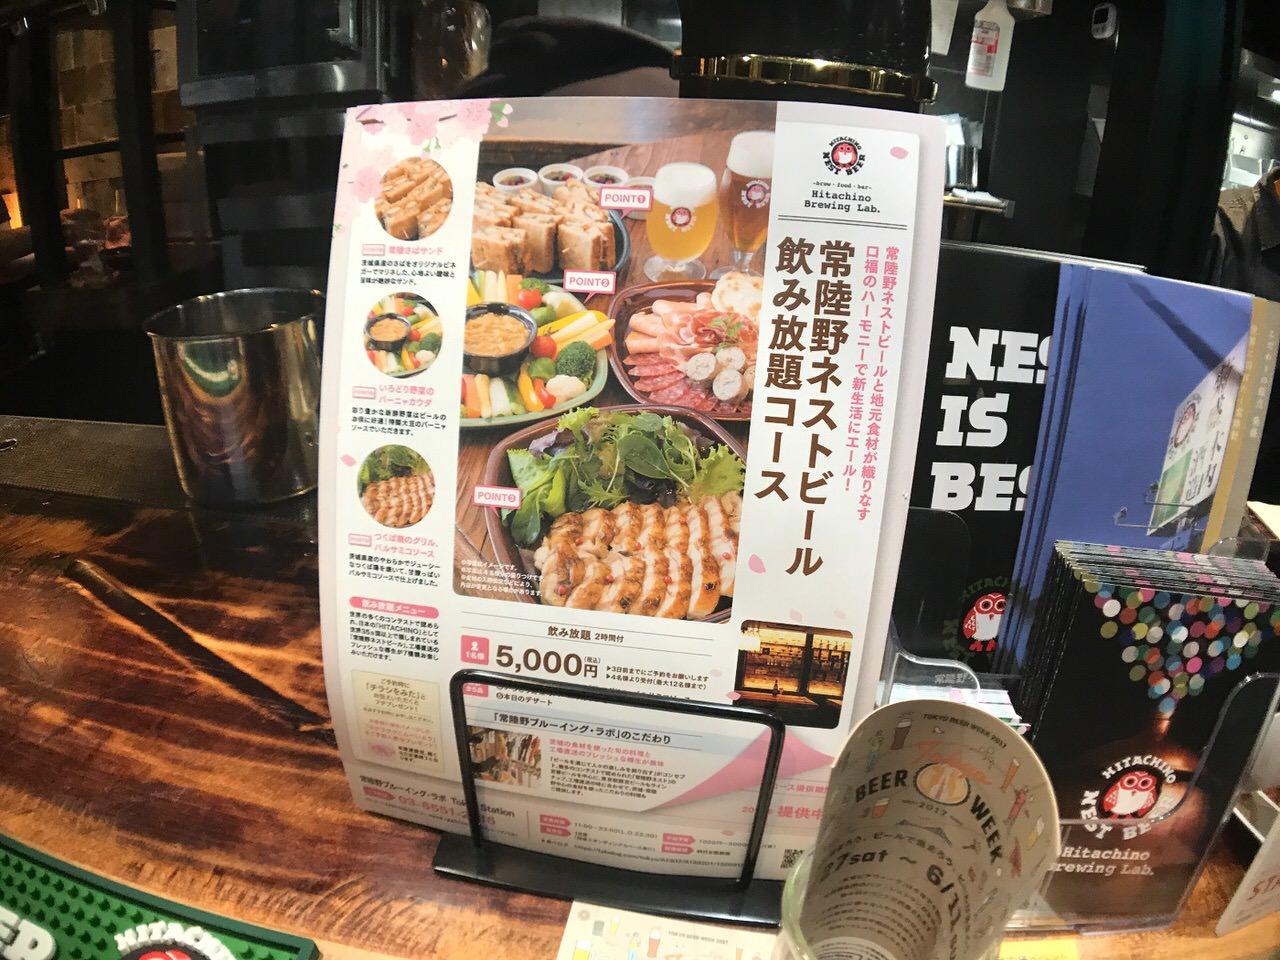 Hitachino nest beer 0922